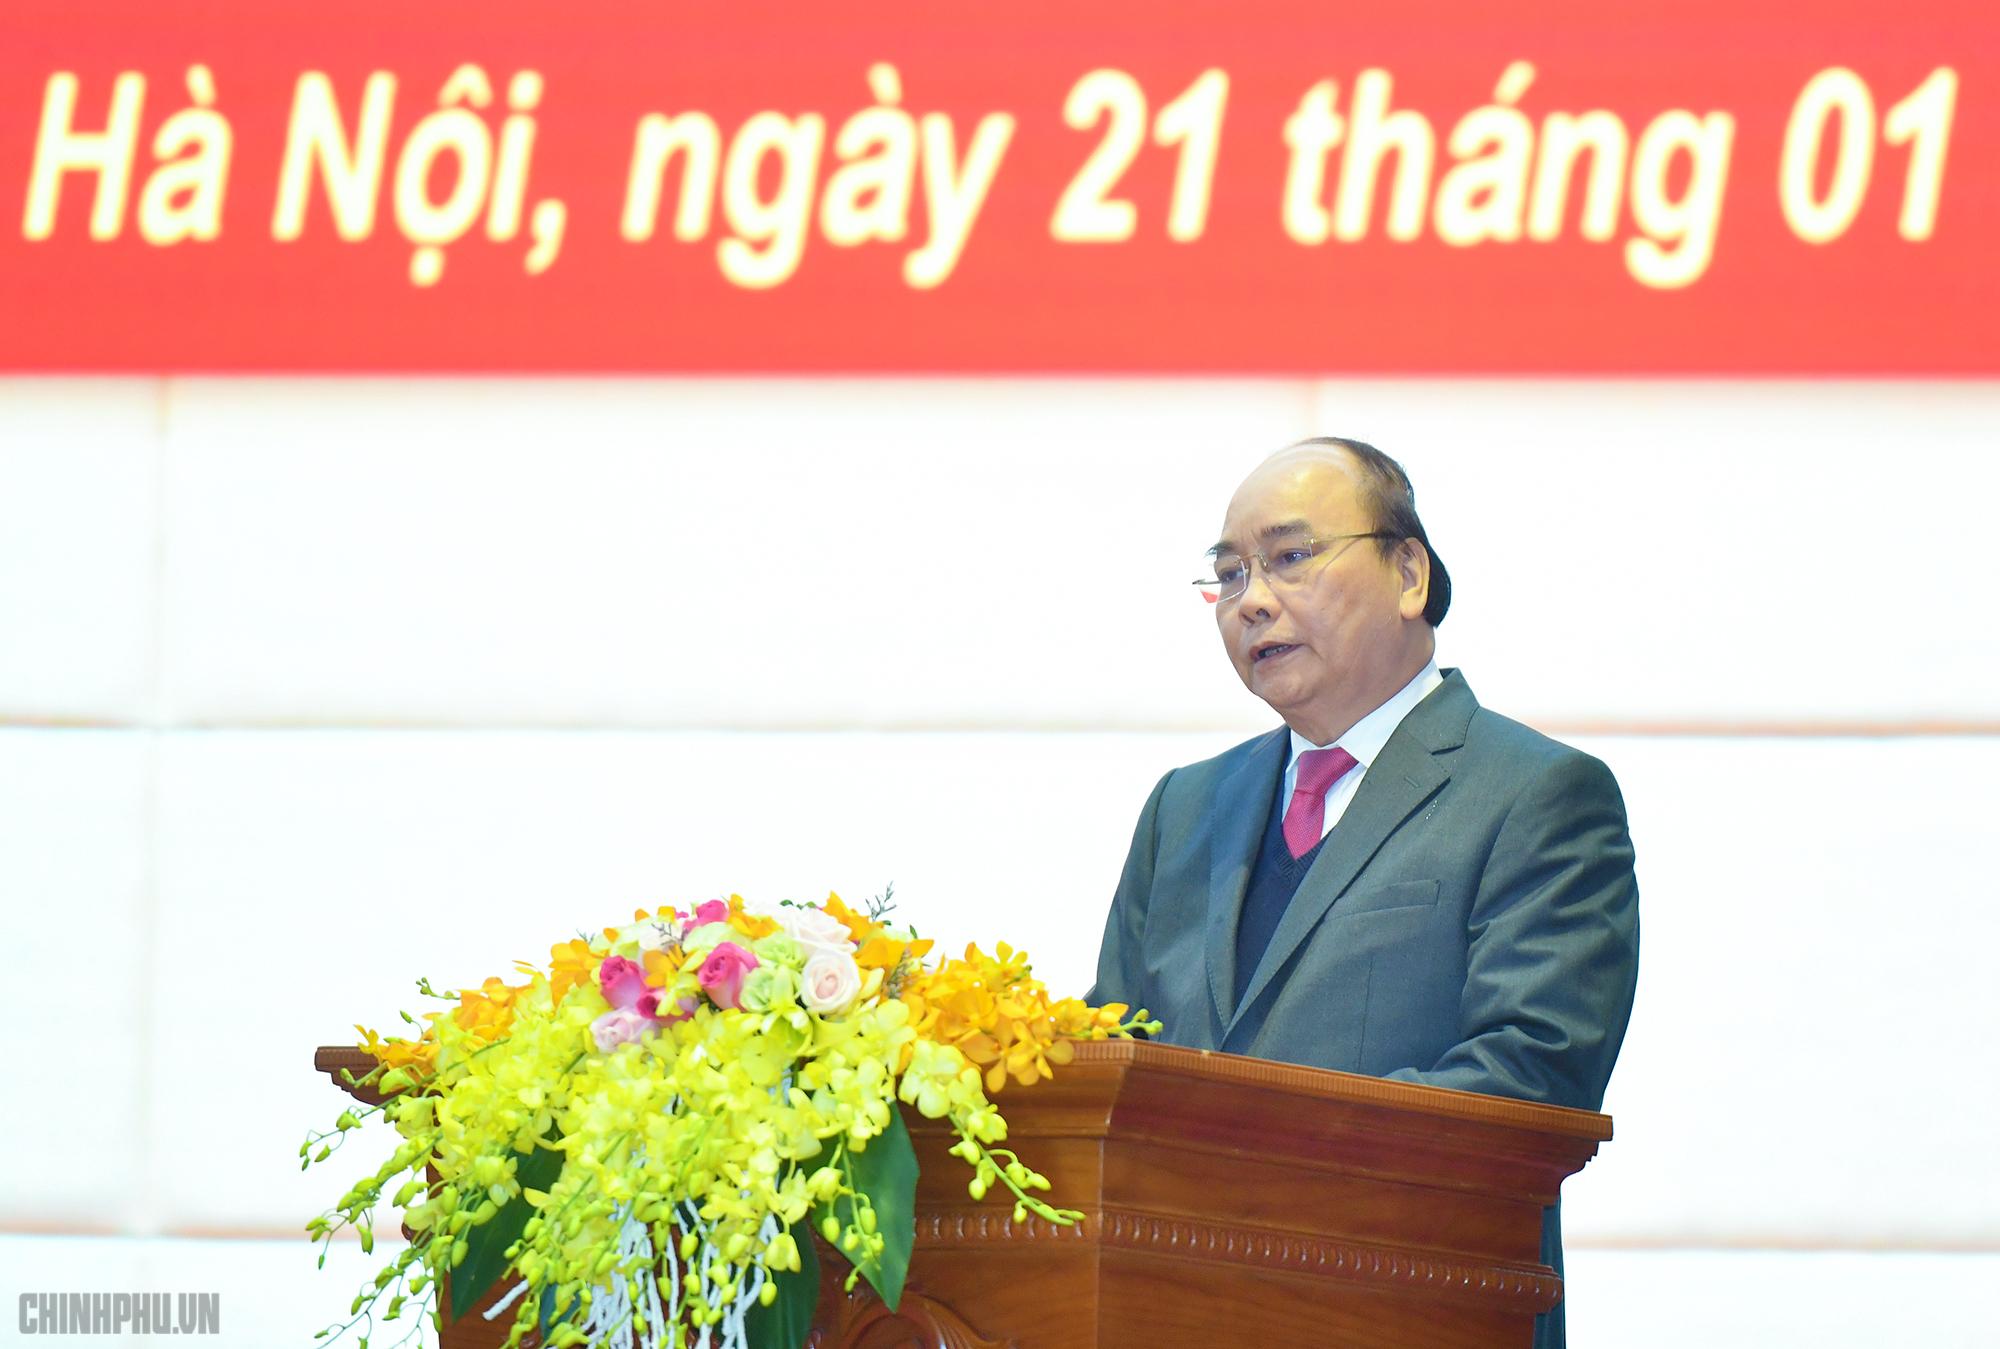 Thủ tướng Nguyễn Xuân Phúc thăm, kiểm tra công tác sẵn sàng chiến đấu tại Tổng cục II